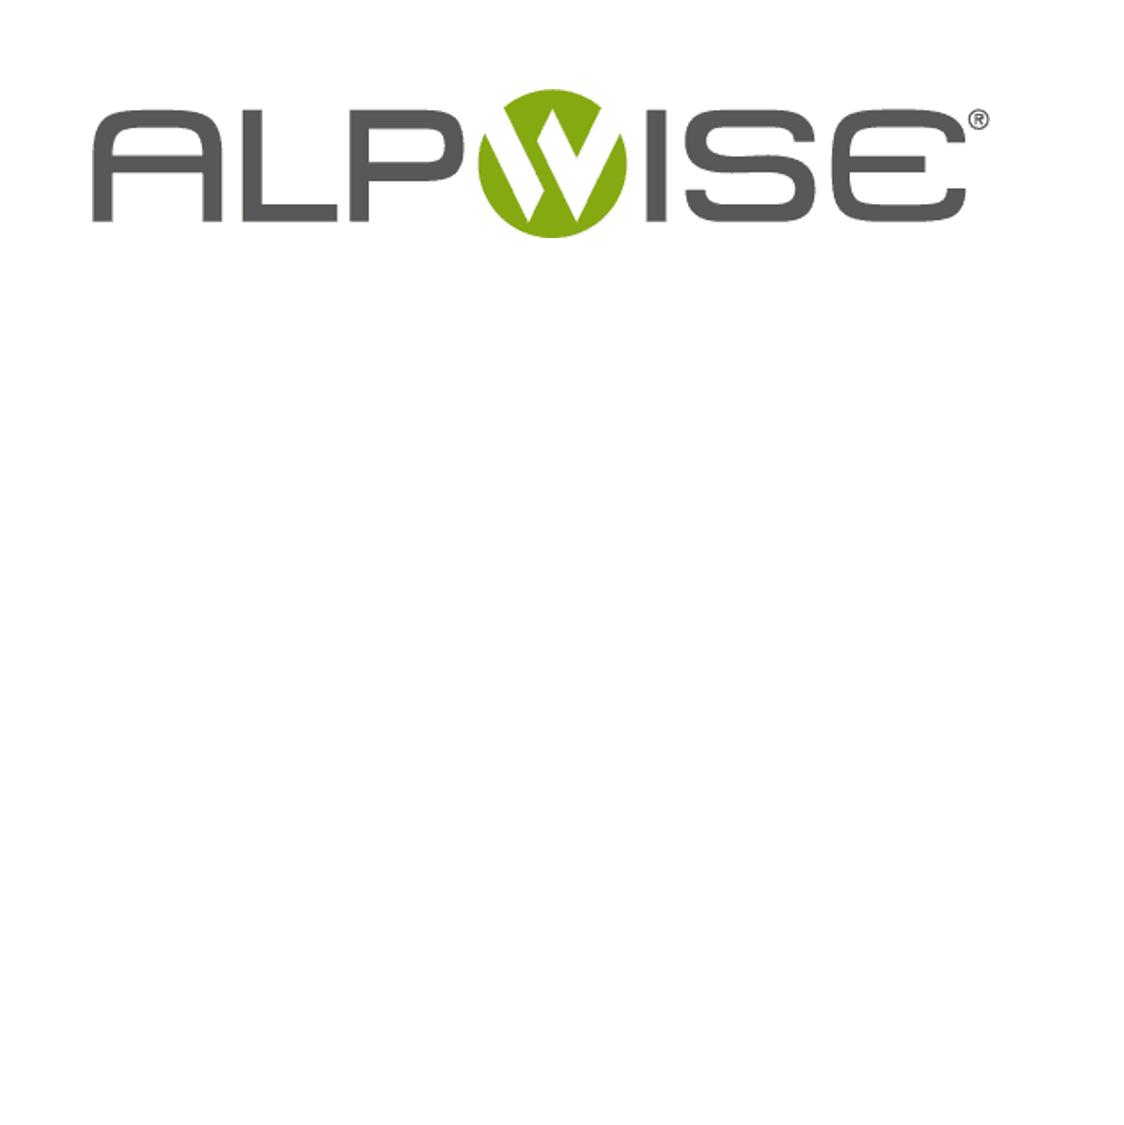 Les actionnaires d'Alpwise adossent ce pionnier de la technologie Bluetooth à STMicroelectronics